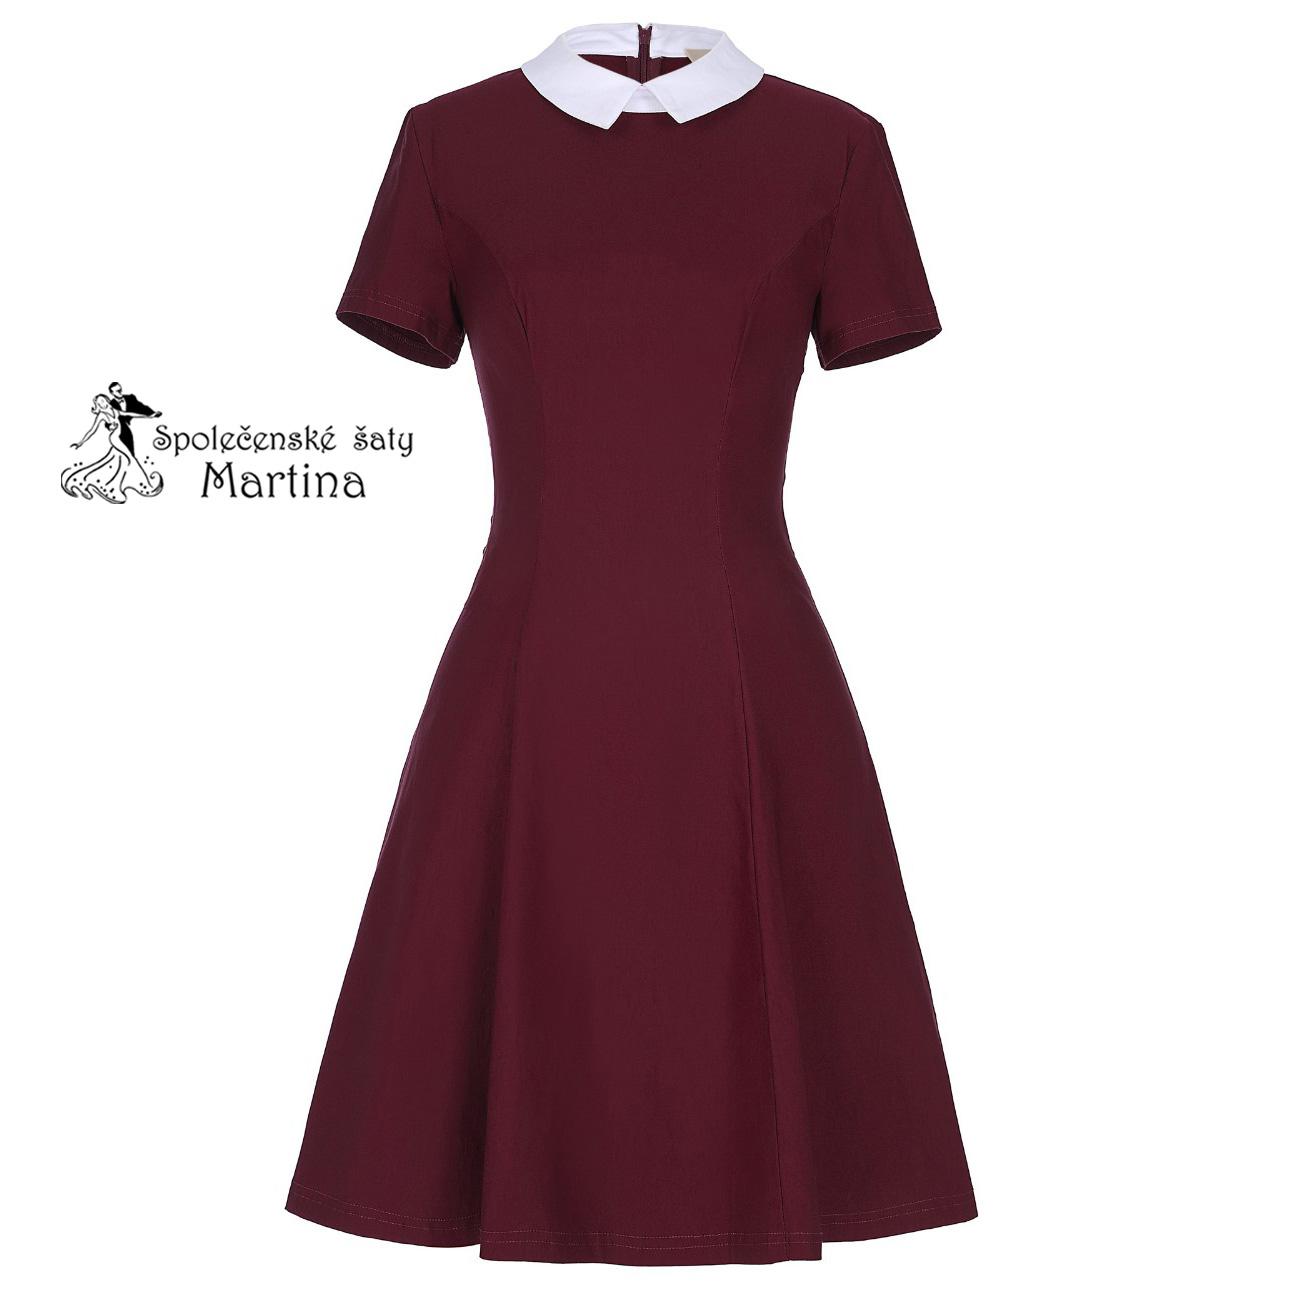 6068934a7ca5 Společenské šaty - koktejlové šaty - koktejlky